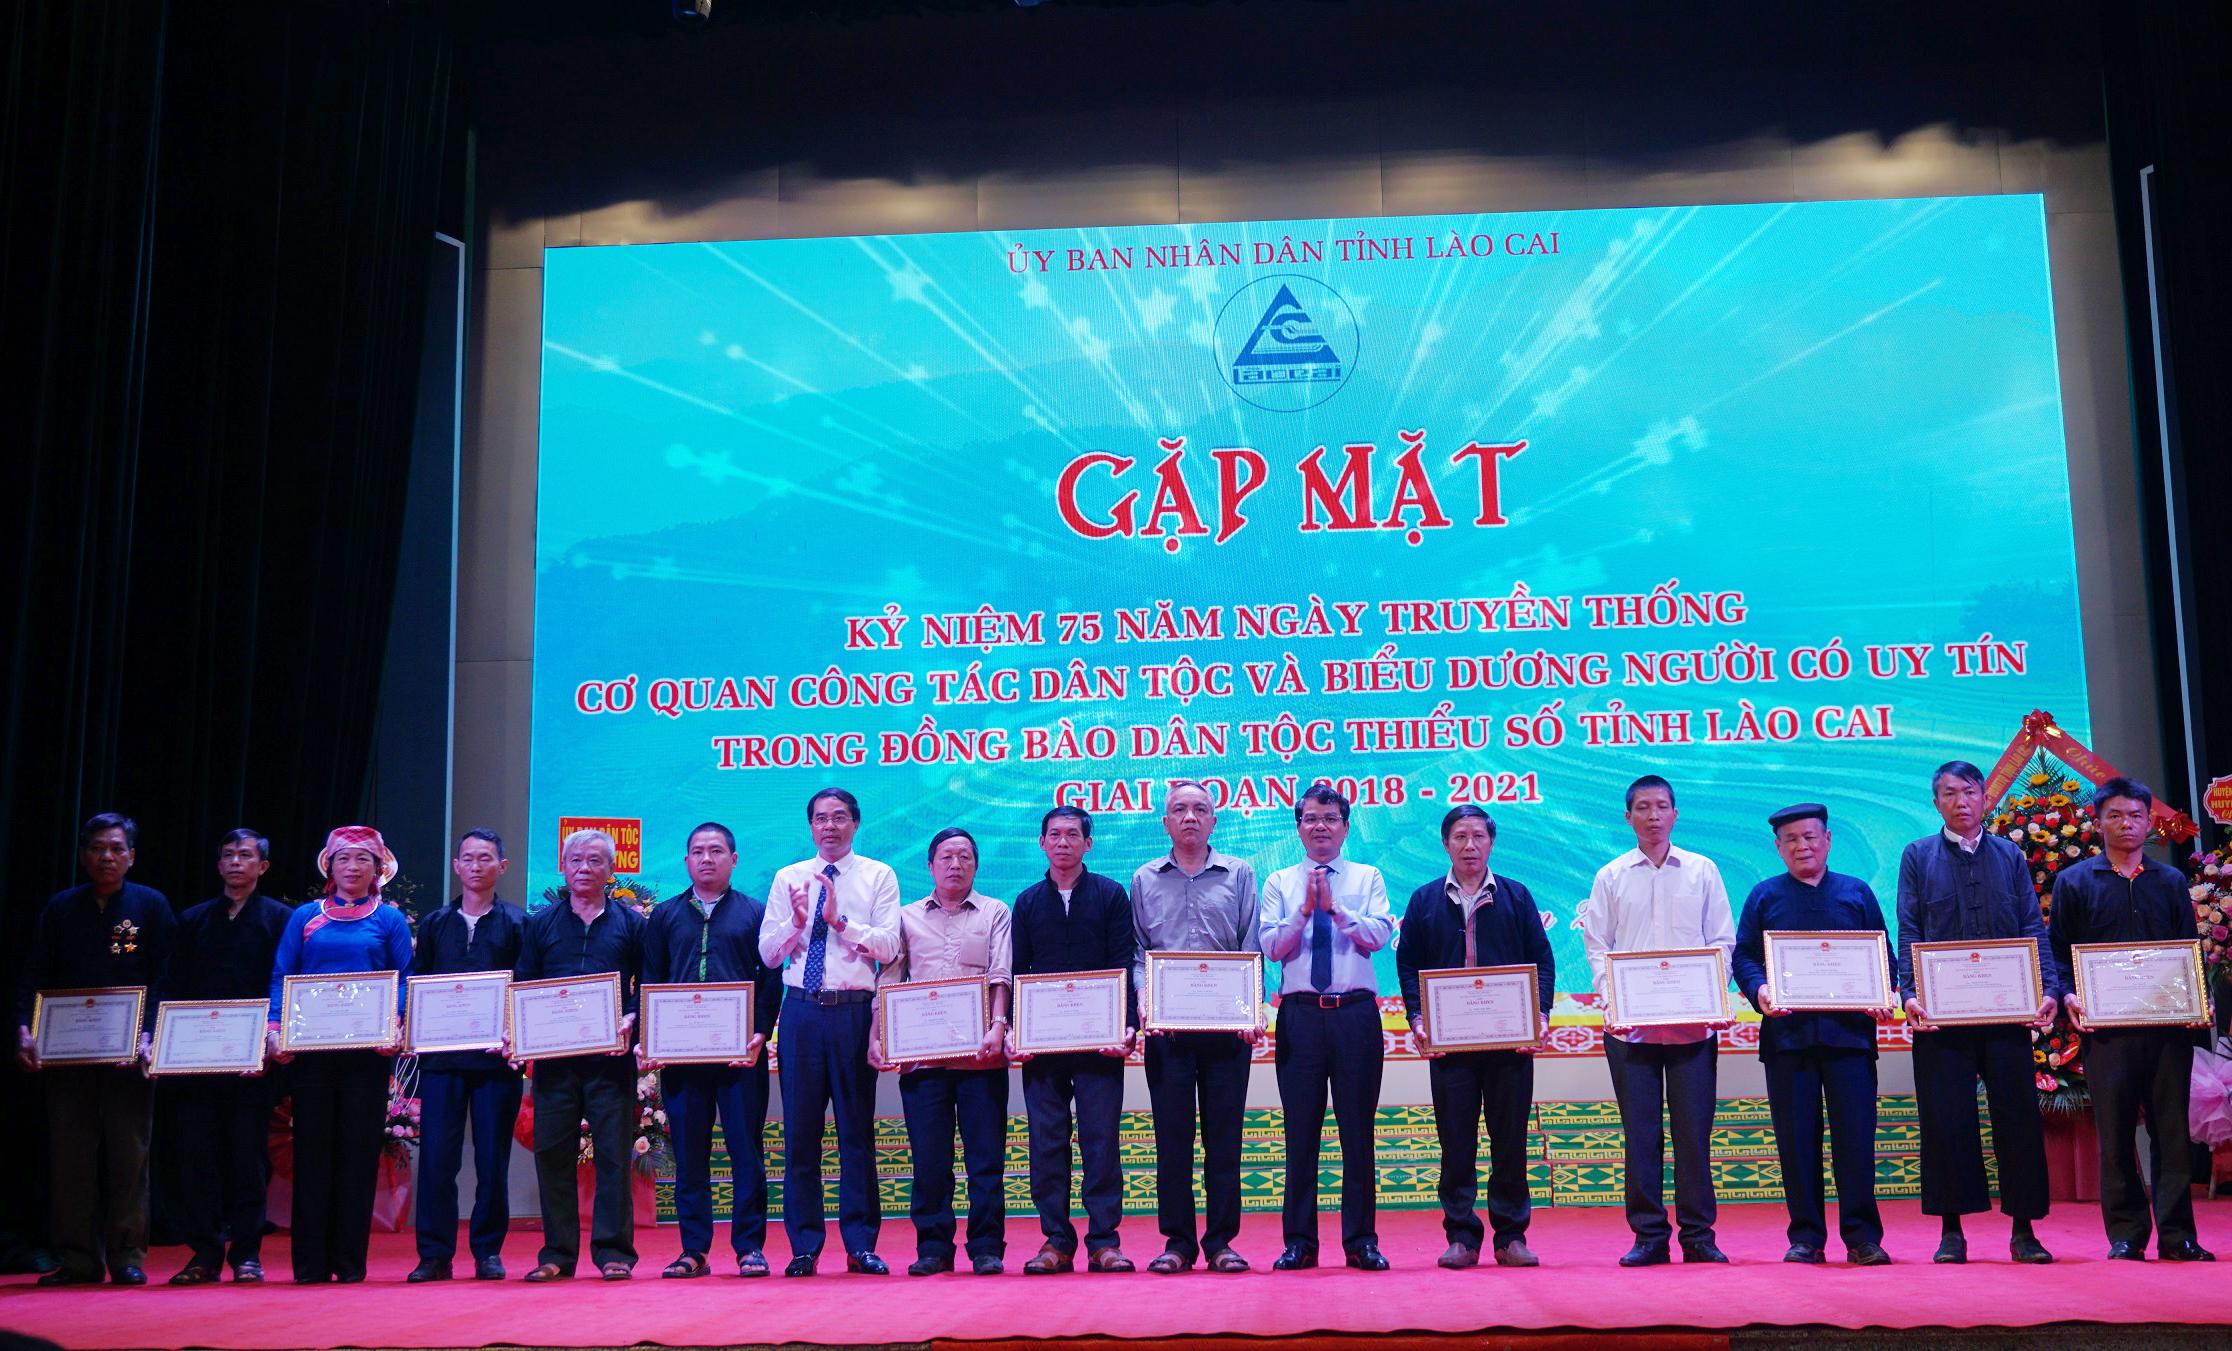 Trao tặng Bằng khen của Chủ tịch UBĐ tỉnh Lào Cai cho 28 Người uy tín vì đã có thành tích xuất sắc trong công tác dân tộc thời gian qua